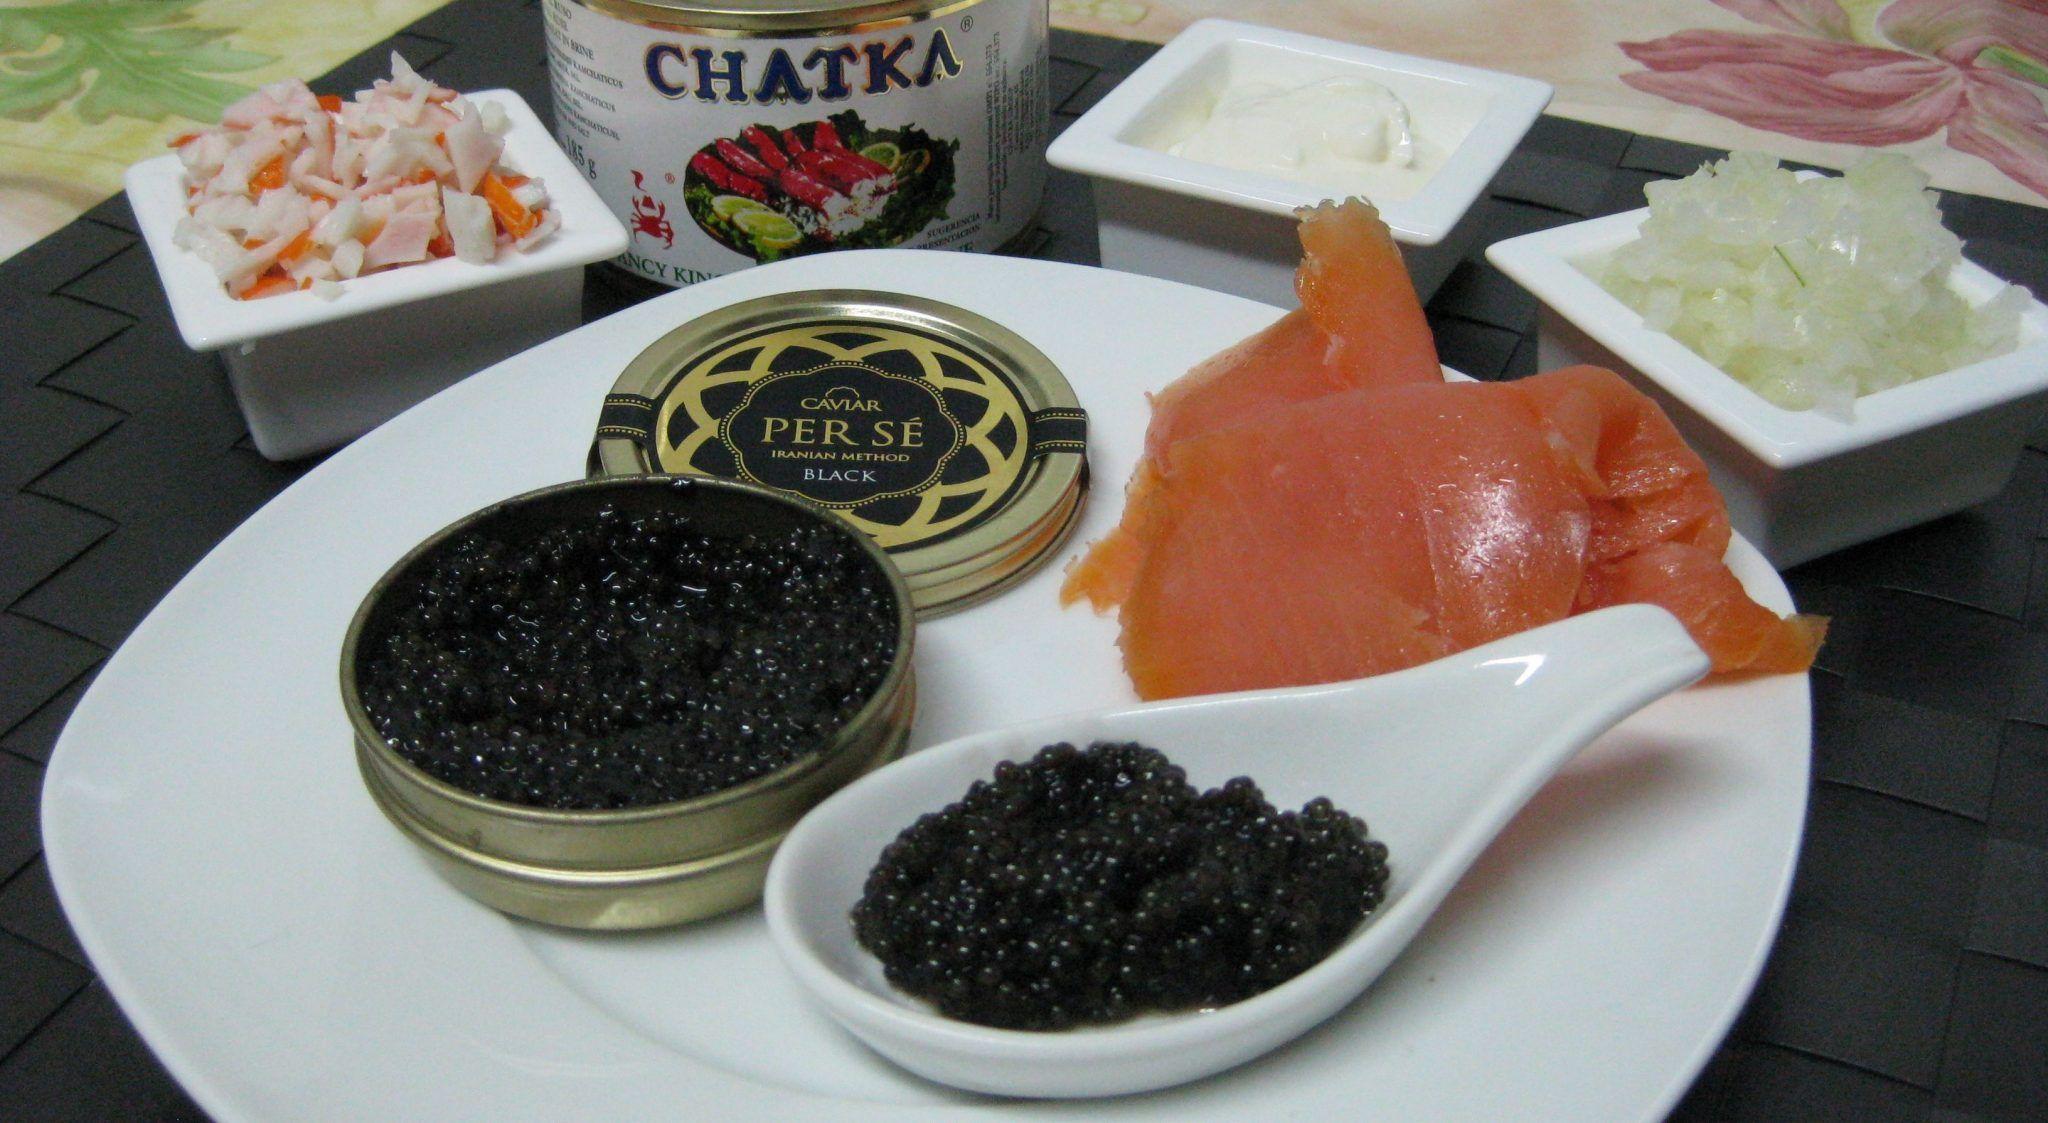 El caviar, el salmón o el chatka